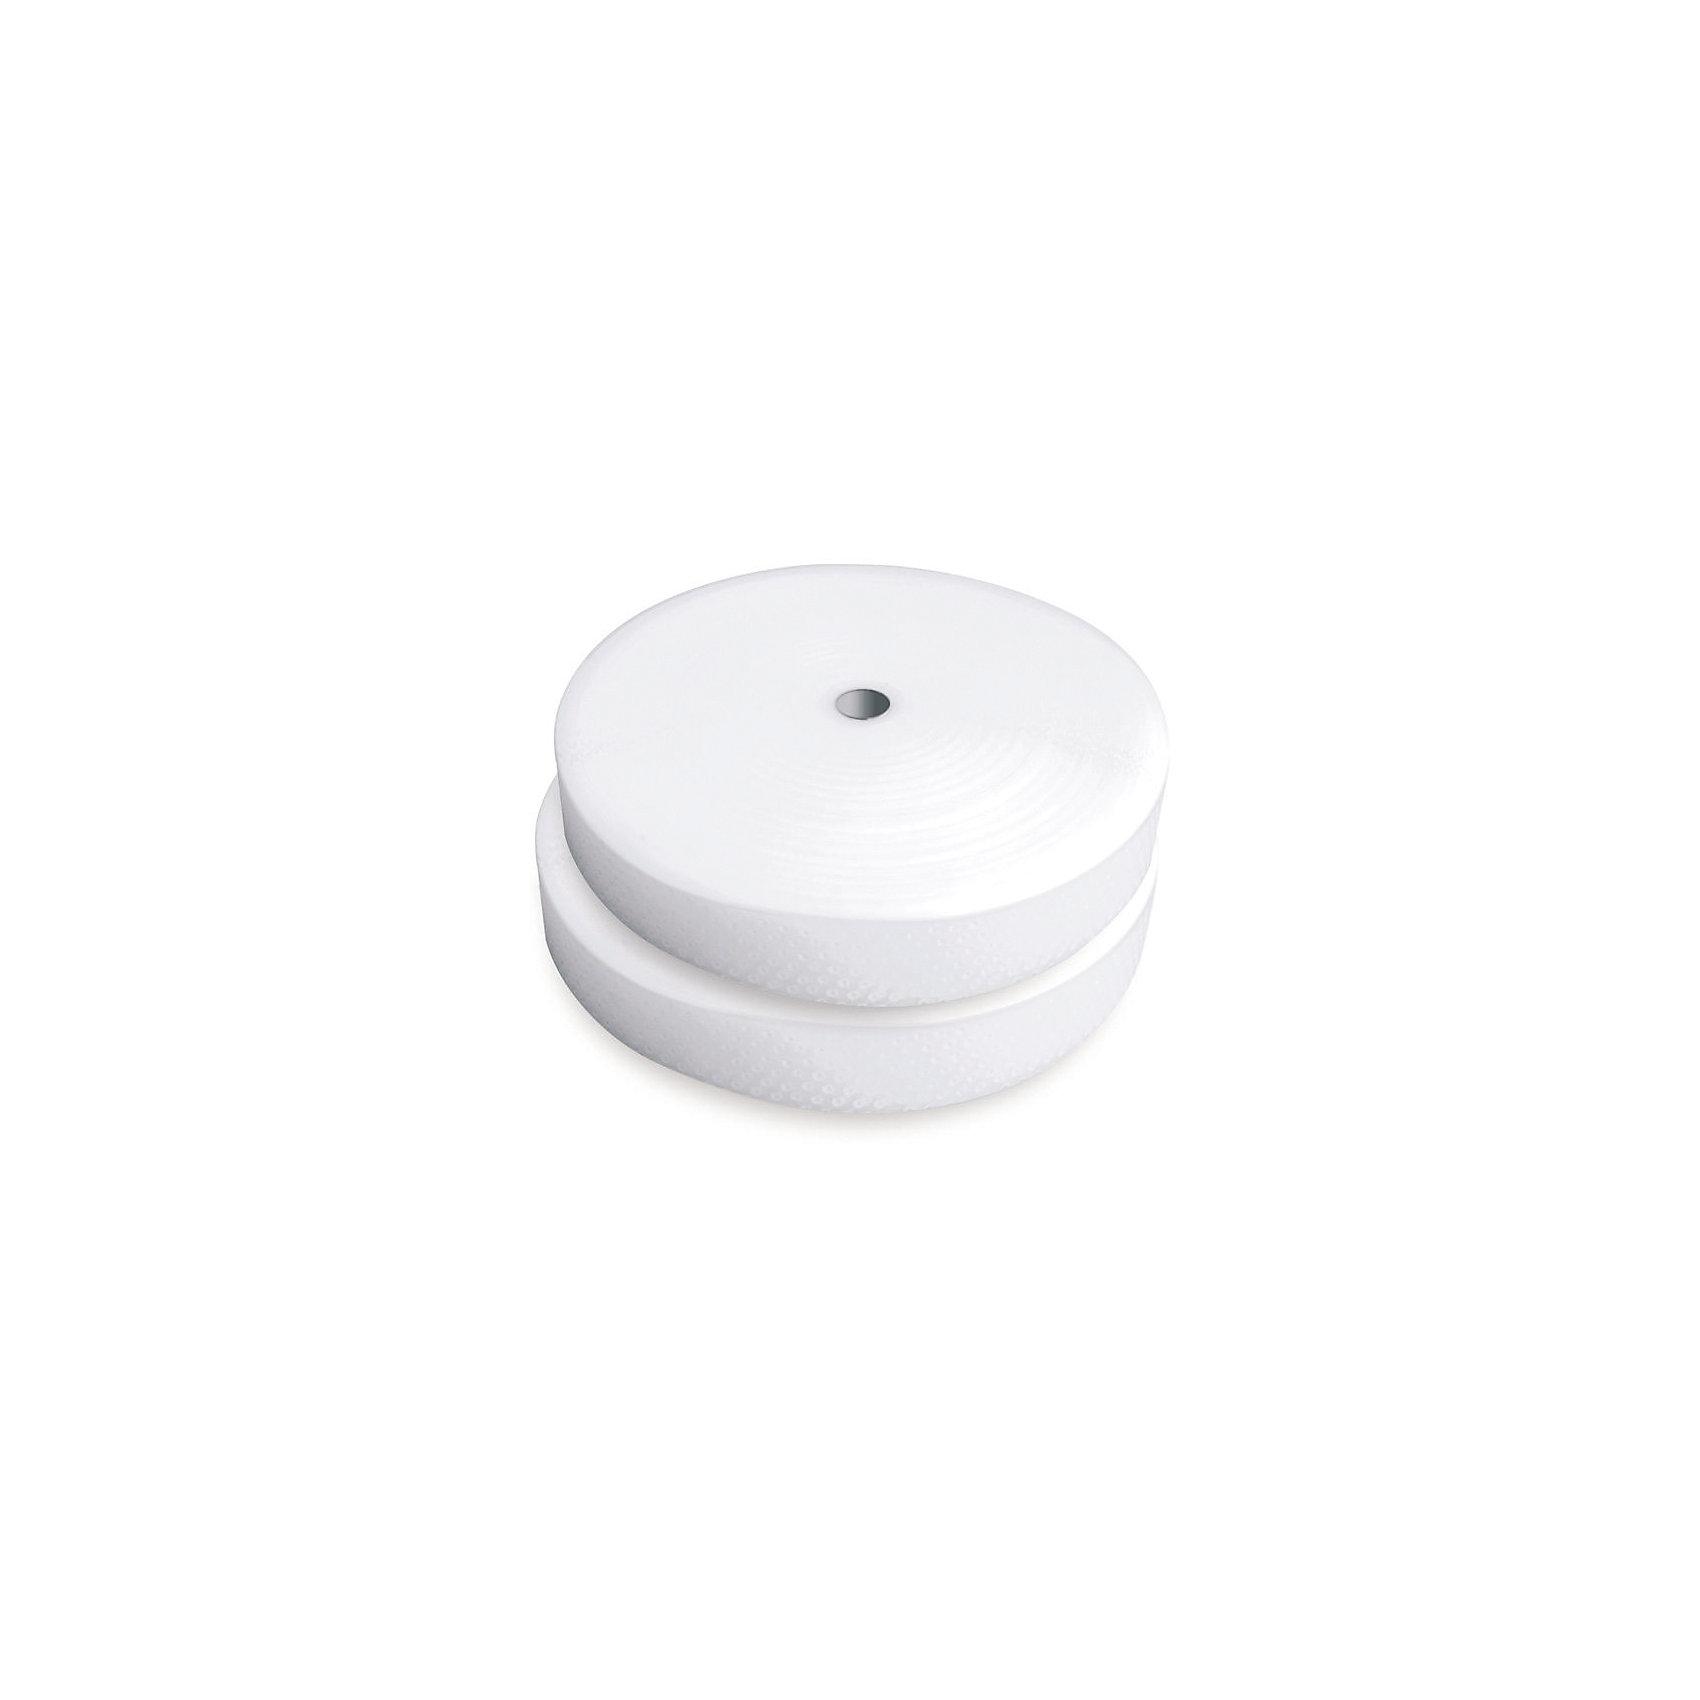 Фильтр для очистителя воздуха NANO BABYPUR Nano babypur , MinilandДетская бытовая техника<br>Фильтр для очистителя воздуха NANO BABYPUR Nano babypur, Miniland (Минилэнд).<br><br>Характеристики:<br><br>• удаляет запахи, пыль, микробы, вирусы, бактерии и аллергены<br>• бережно очищает воздух<br>• способен собирать пыльцу, табачный дым и плесень<br>• можно использовать после вакуумной чистки<br><br>Фильтр для очистителя воздуха NANO BABYPUR Nano babypur, Miniland бережно позаботится о здоровье малыша. Фильтр очистит комнату ребенка от микробов, вирусов и неприятных запахов. Он способен собрать табачный дым, пыльцу и даже плесень. Фильтр можно заменить или использовать снова после вакуумной чистки. Позаботьтесь о здоровье крохи с фильтром NANO BABYPUR!<br><br>Фильтр для очистителя воздуха NANO BABYPUR Nano babypur, Miniland (Минилэнд) вы можете купить в нашем интернет-магазине.<br><br>Ширина мм: 200<br>Глубина мм: 200<br>Высота мм: 80<br>Вес г: 500<br>Возраст от месяцев: 0<br>Возраст до месяцев: 216<br>Пол: Унисекс<br>Возраст: Детский<br>SKU: 5089912